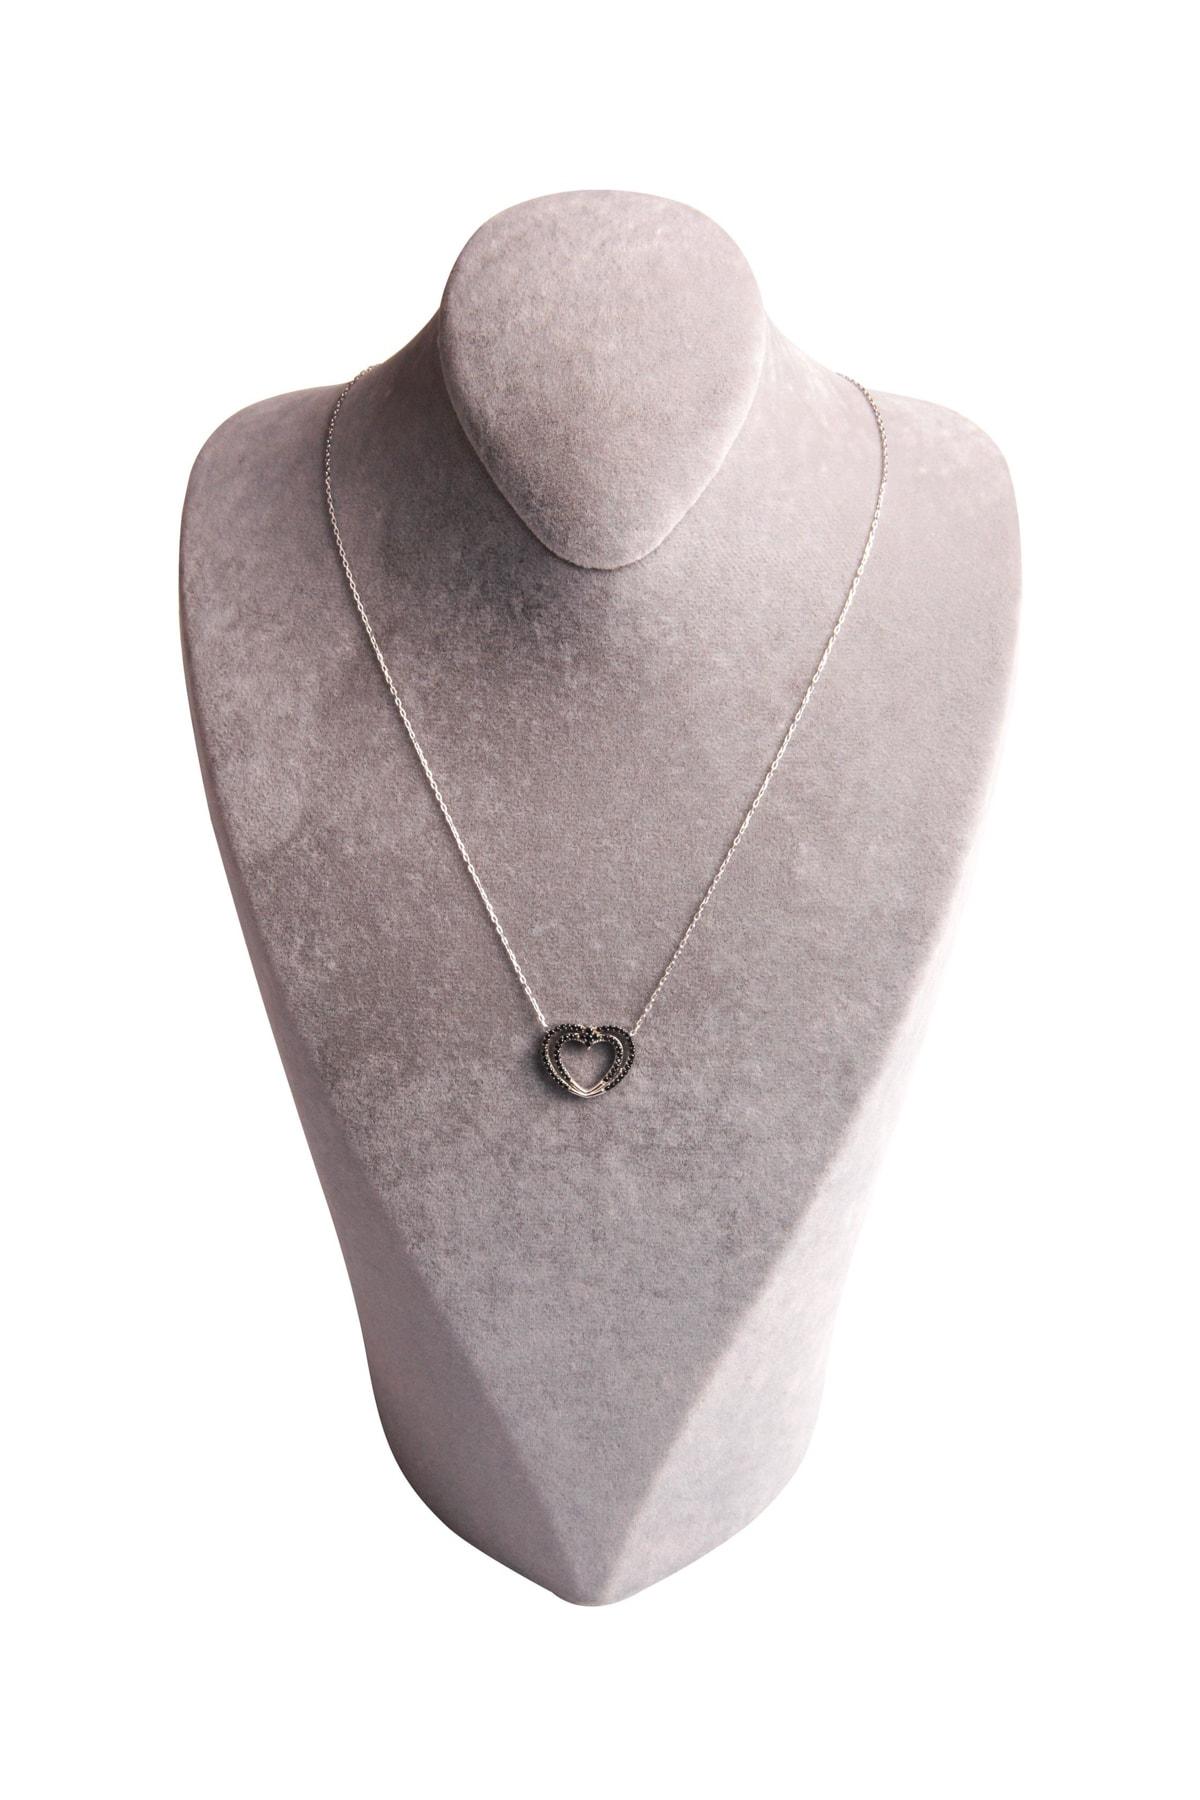 Sahra Zirkon Süslemeli Kalp Tasarım 925 Ayar Gümüş Kolye KLY-0066-27 2